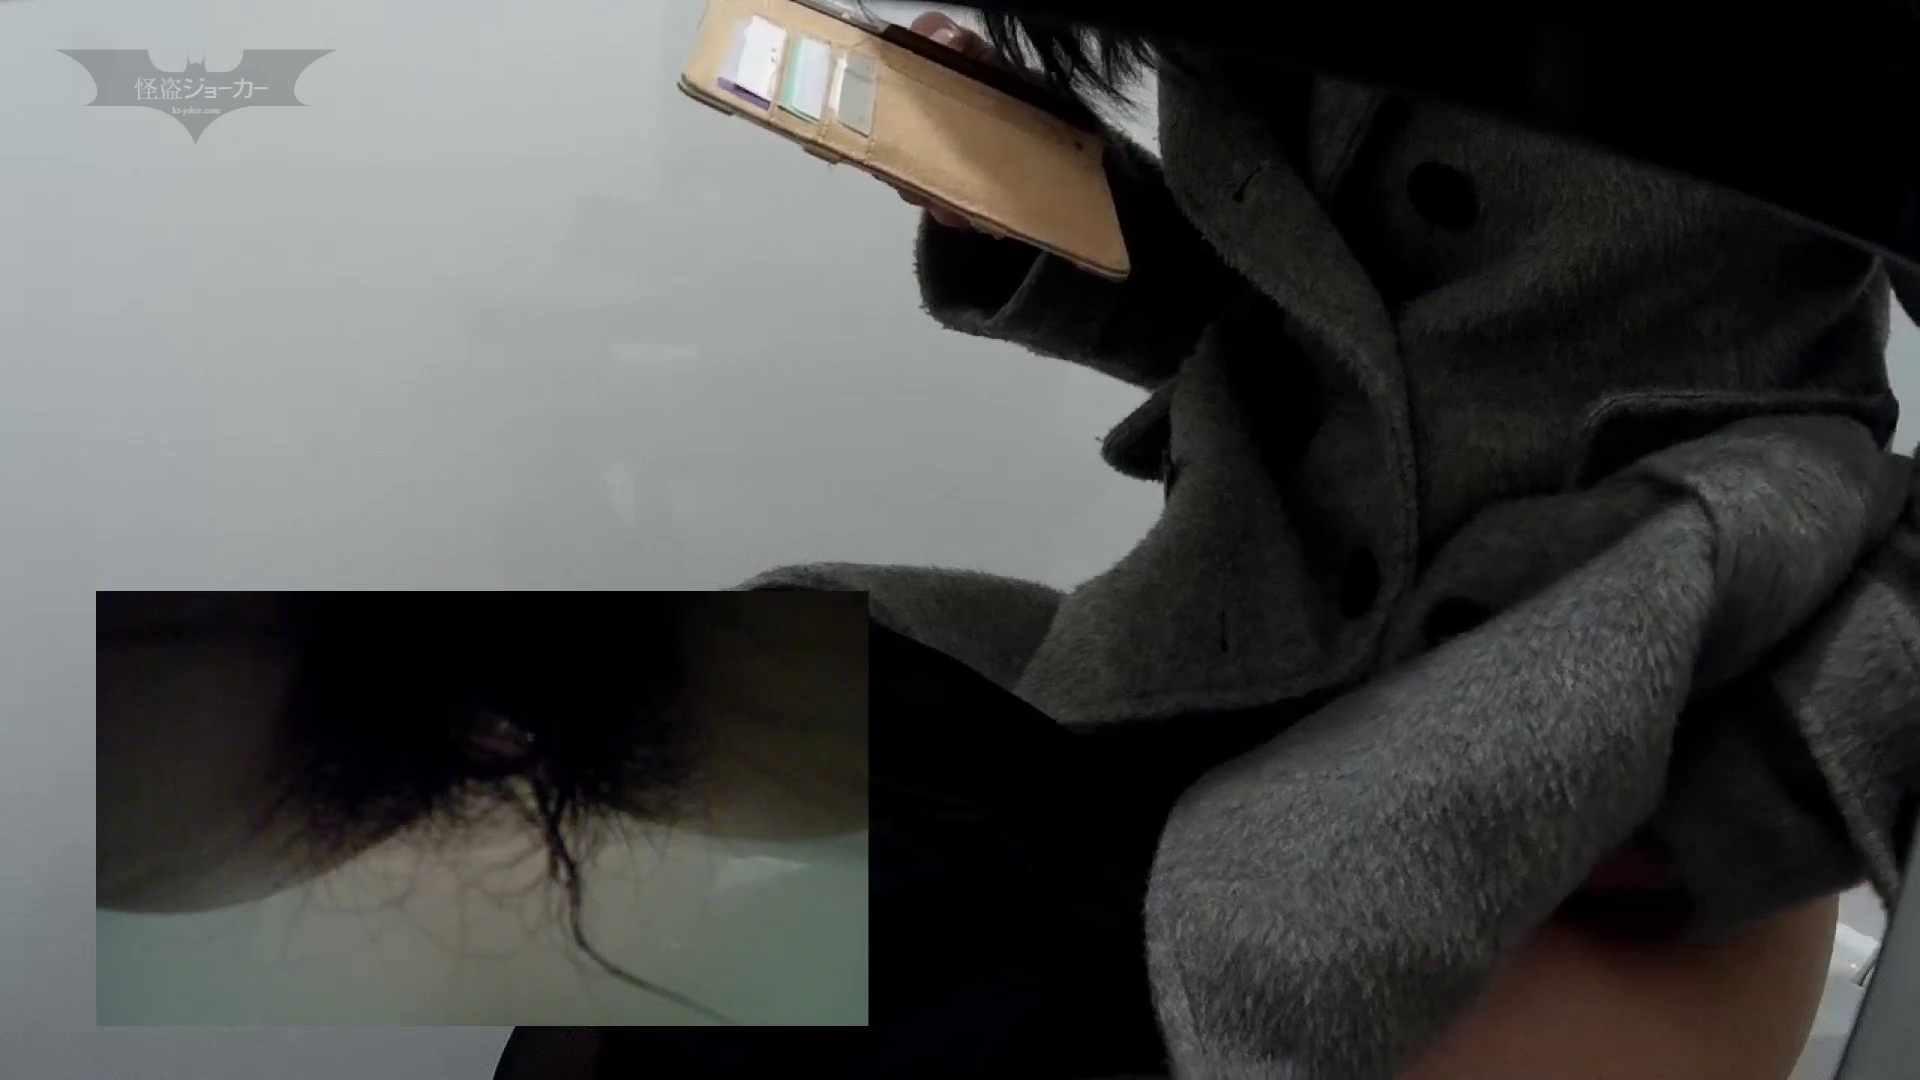 有名大学女性洗面所 vol.58 アンダーヘアーも冬支度? 潜入 AV無料動画キャプチャ 111画像 87